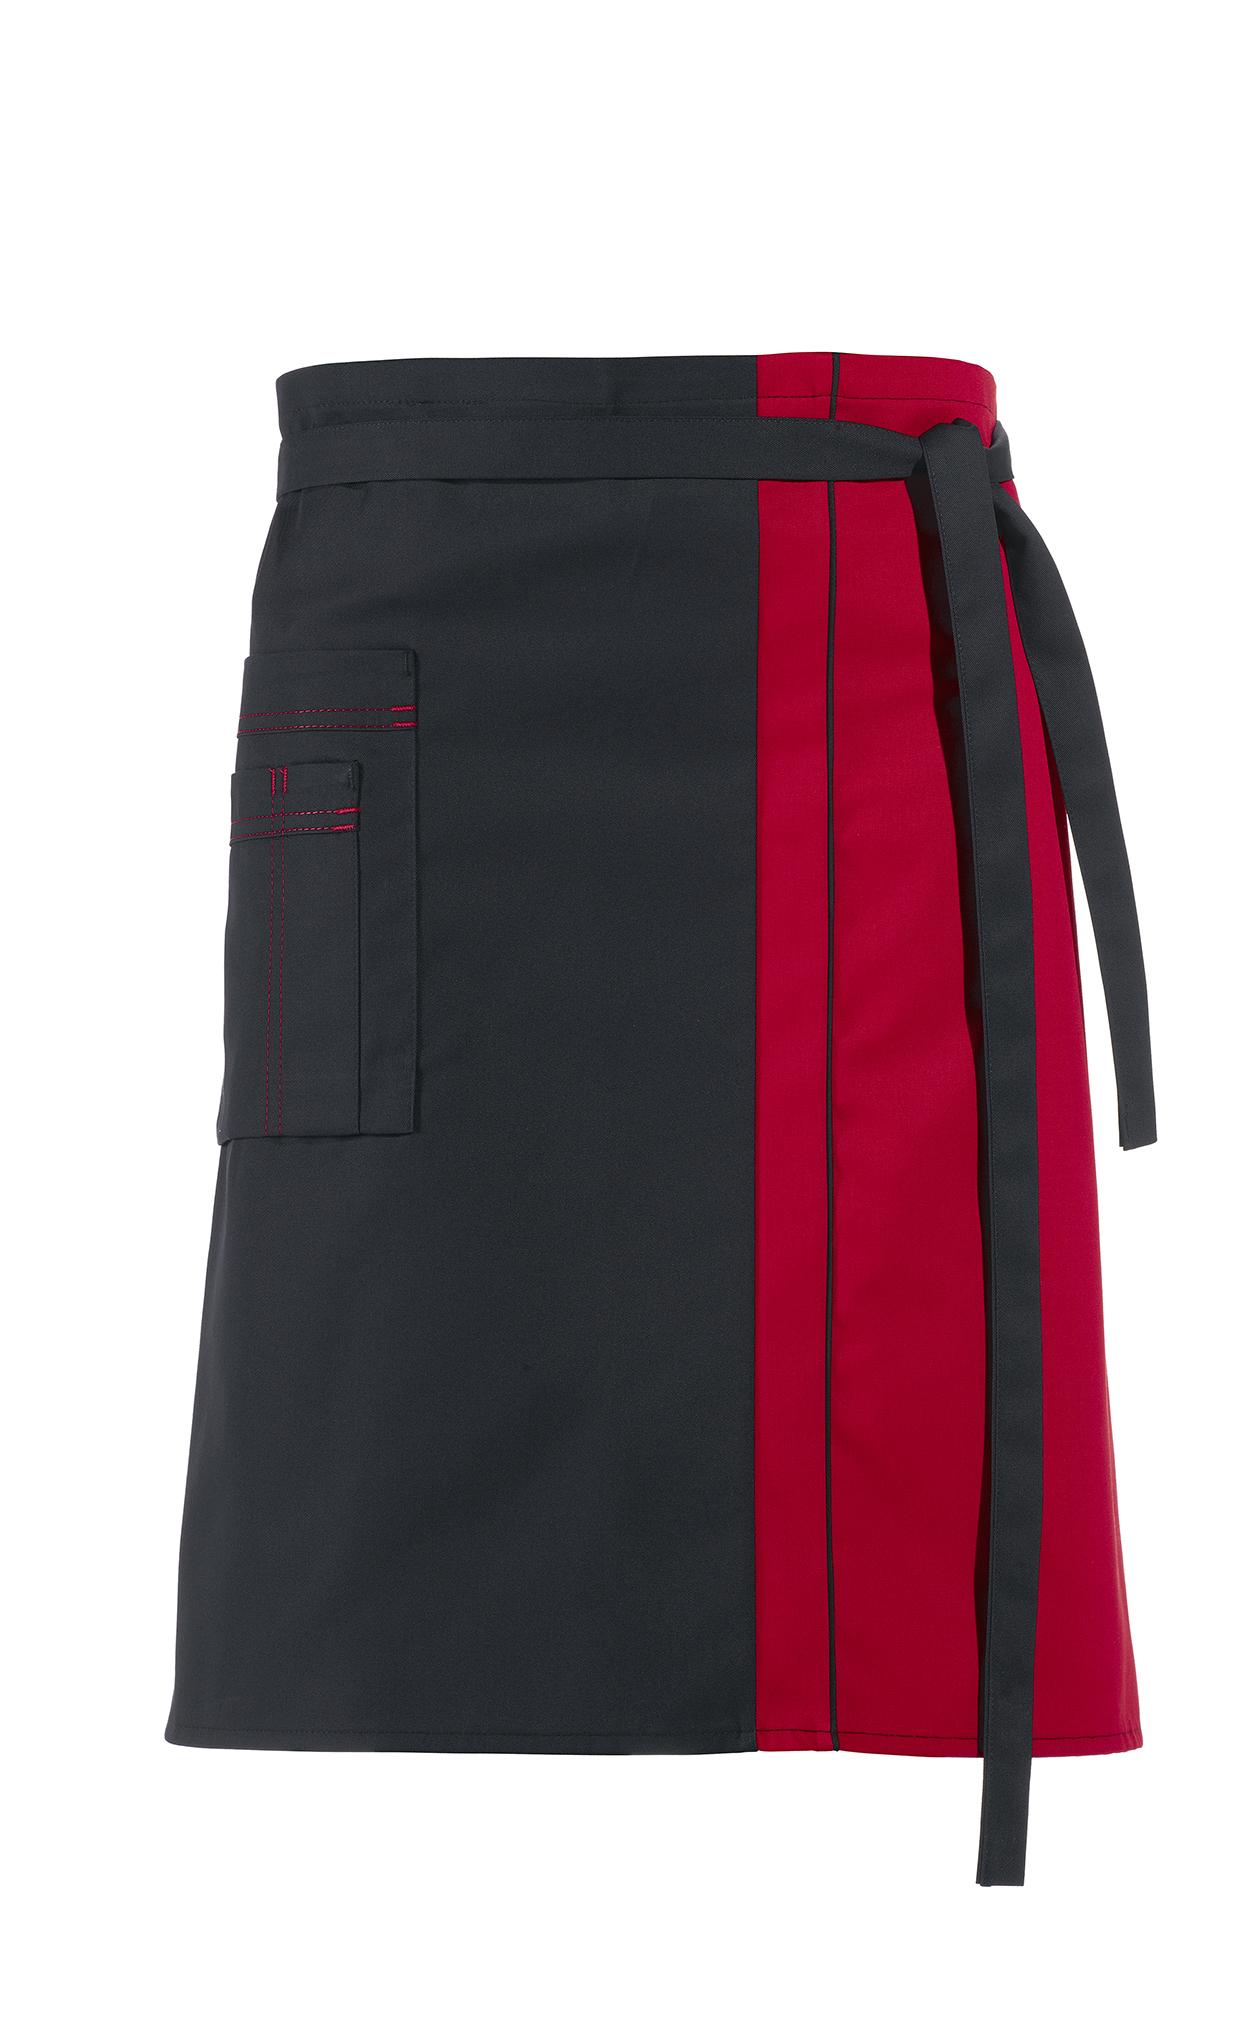 LEIBER-Jobwear, Vorbinder, Arbeits-Berufs-Schürze, ca. 215 g/m², schwarz/rot